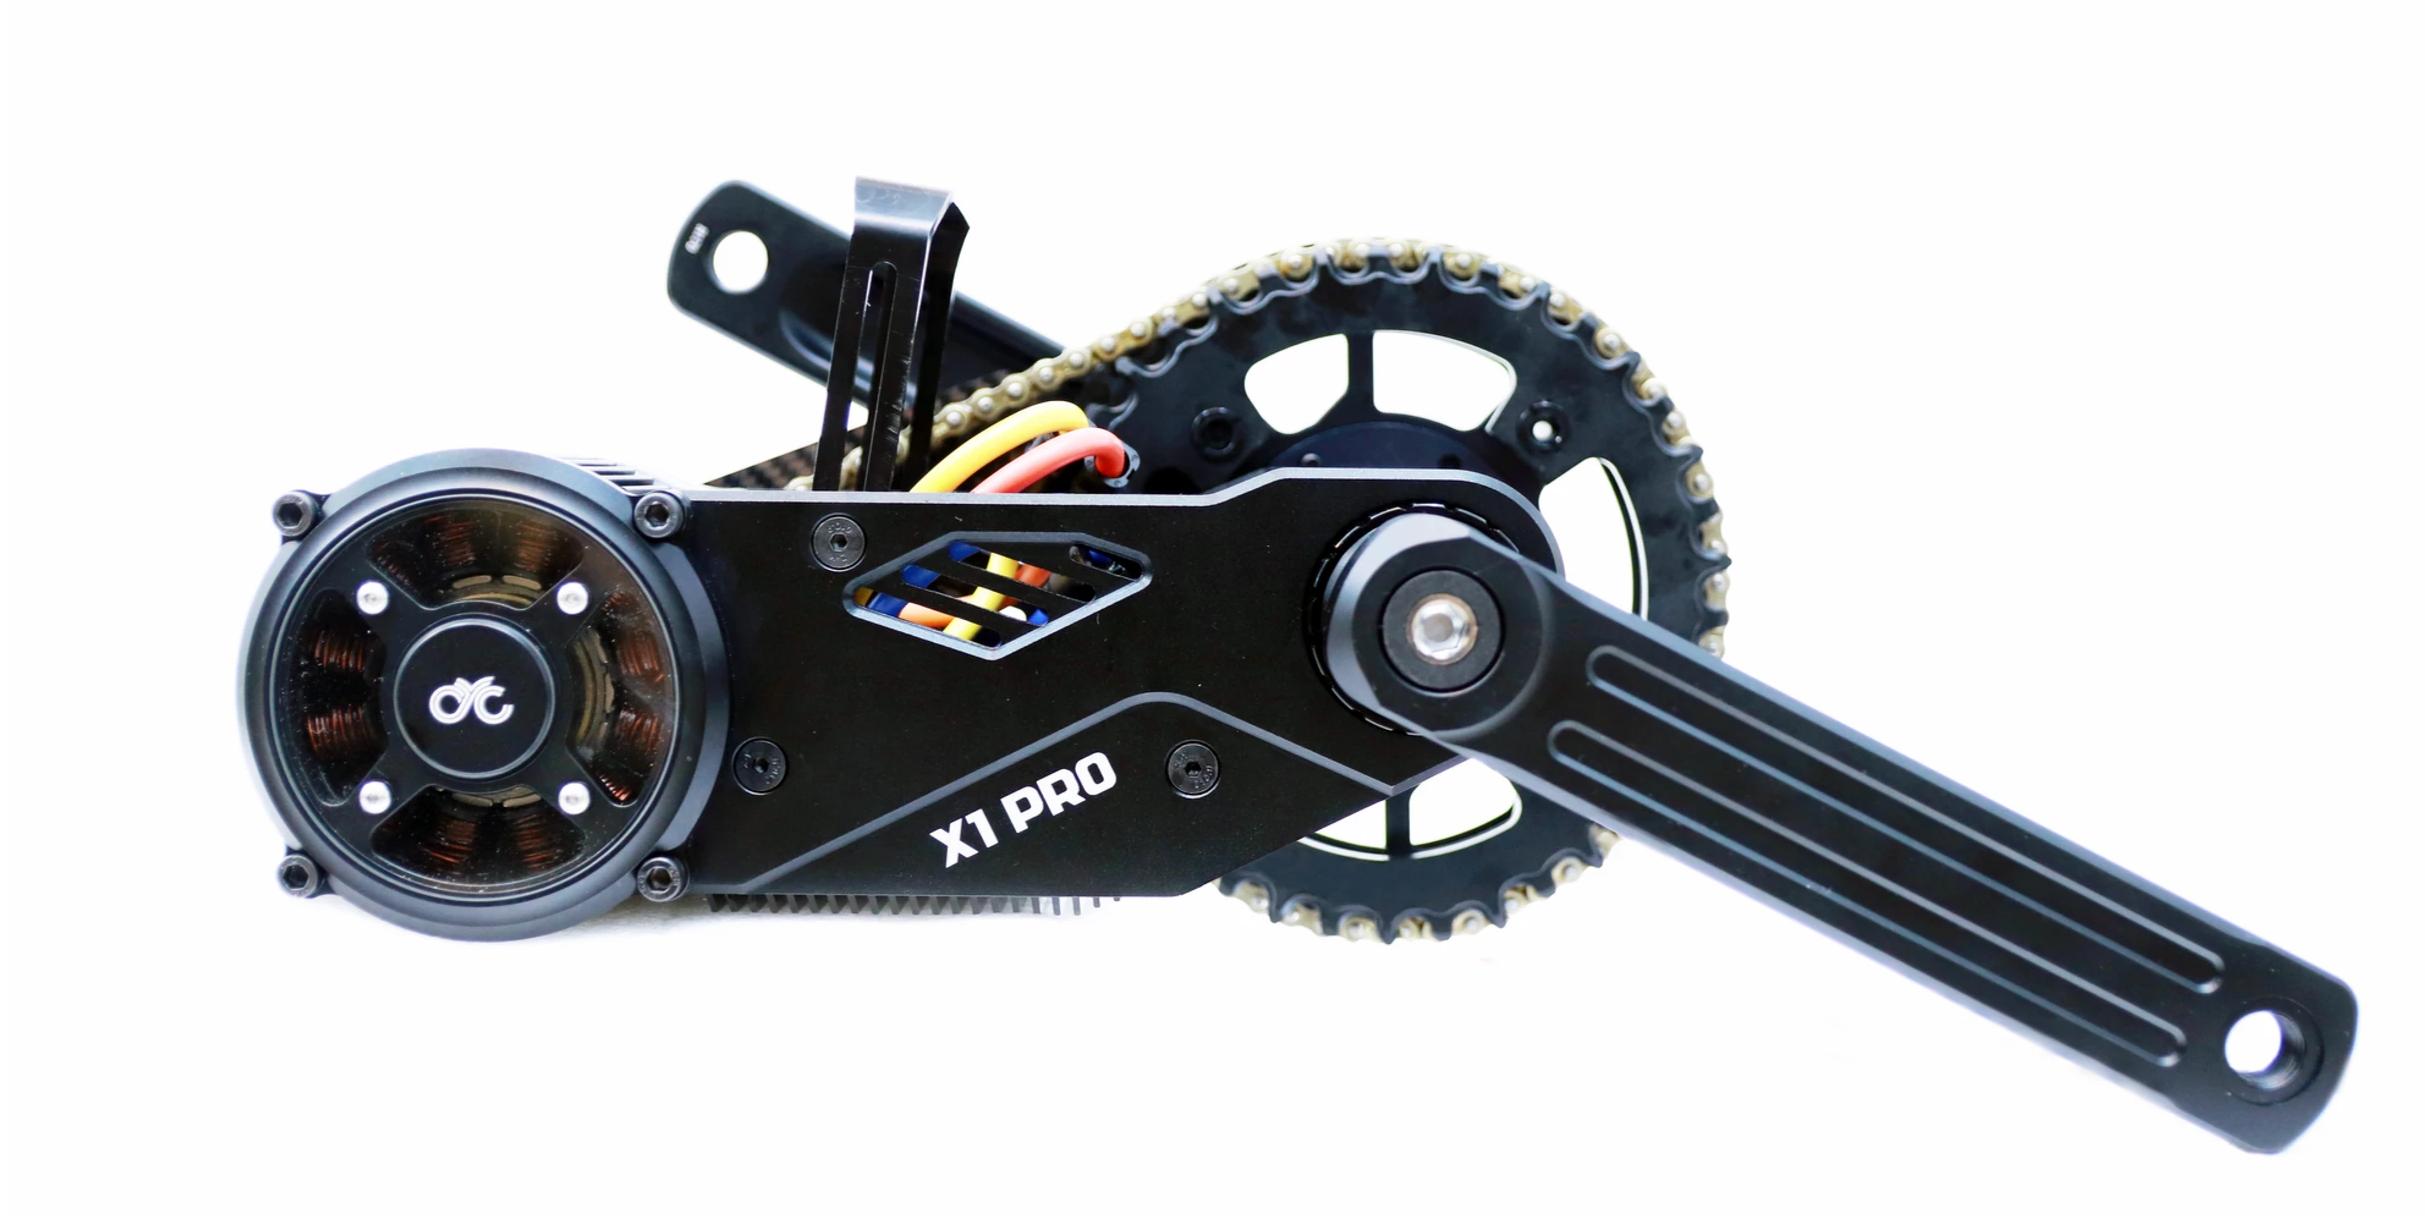 wylde rides ebike X1 PRO GEN 2 motor